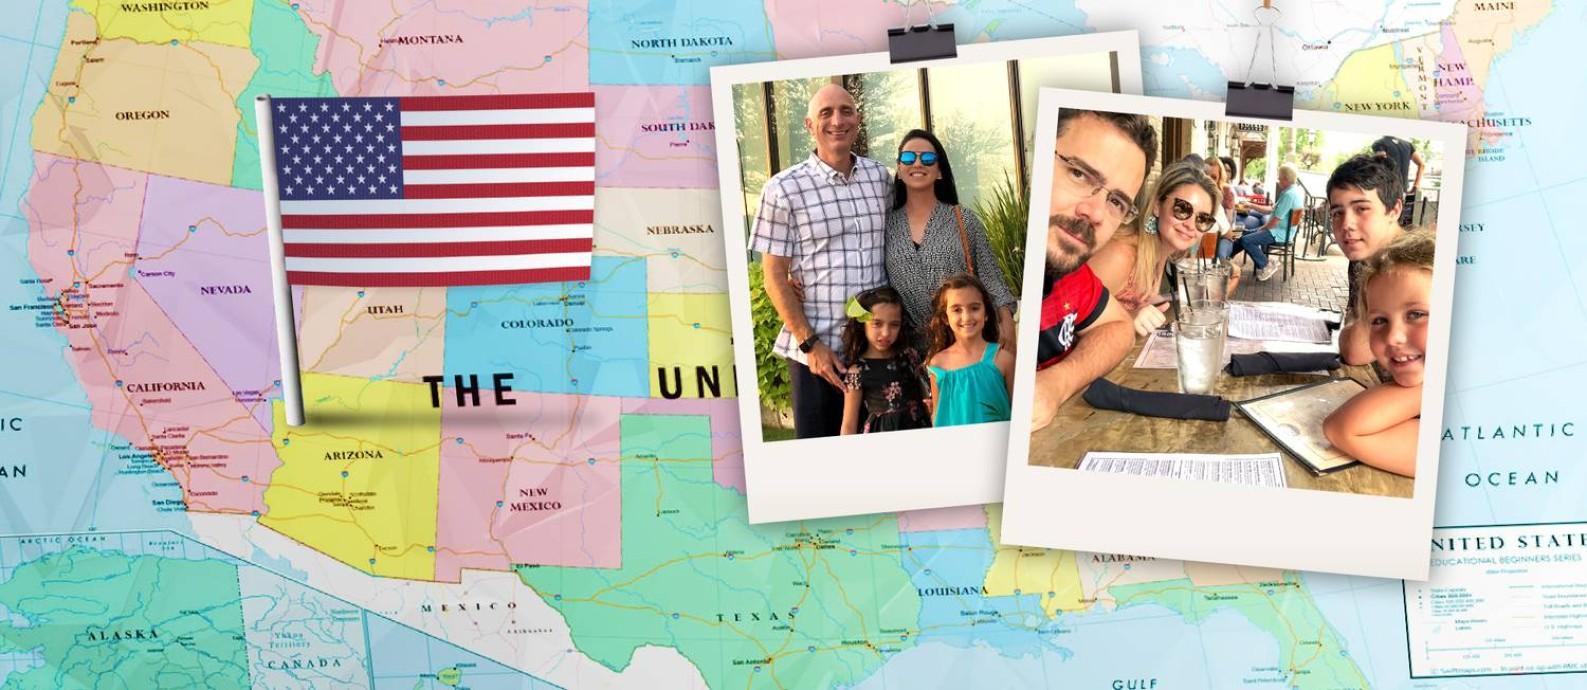 Vida nova: Guilherme Cerqueira (à esquerda) foi com a família para Atlanta. André Dayan (à direita) preferiu o interior Foto: Arquivo pessoal